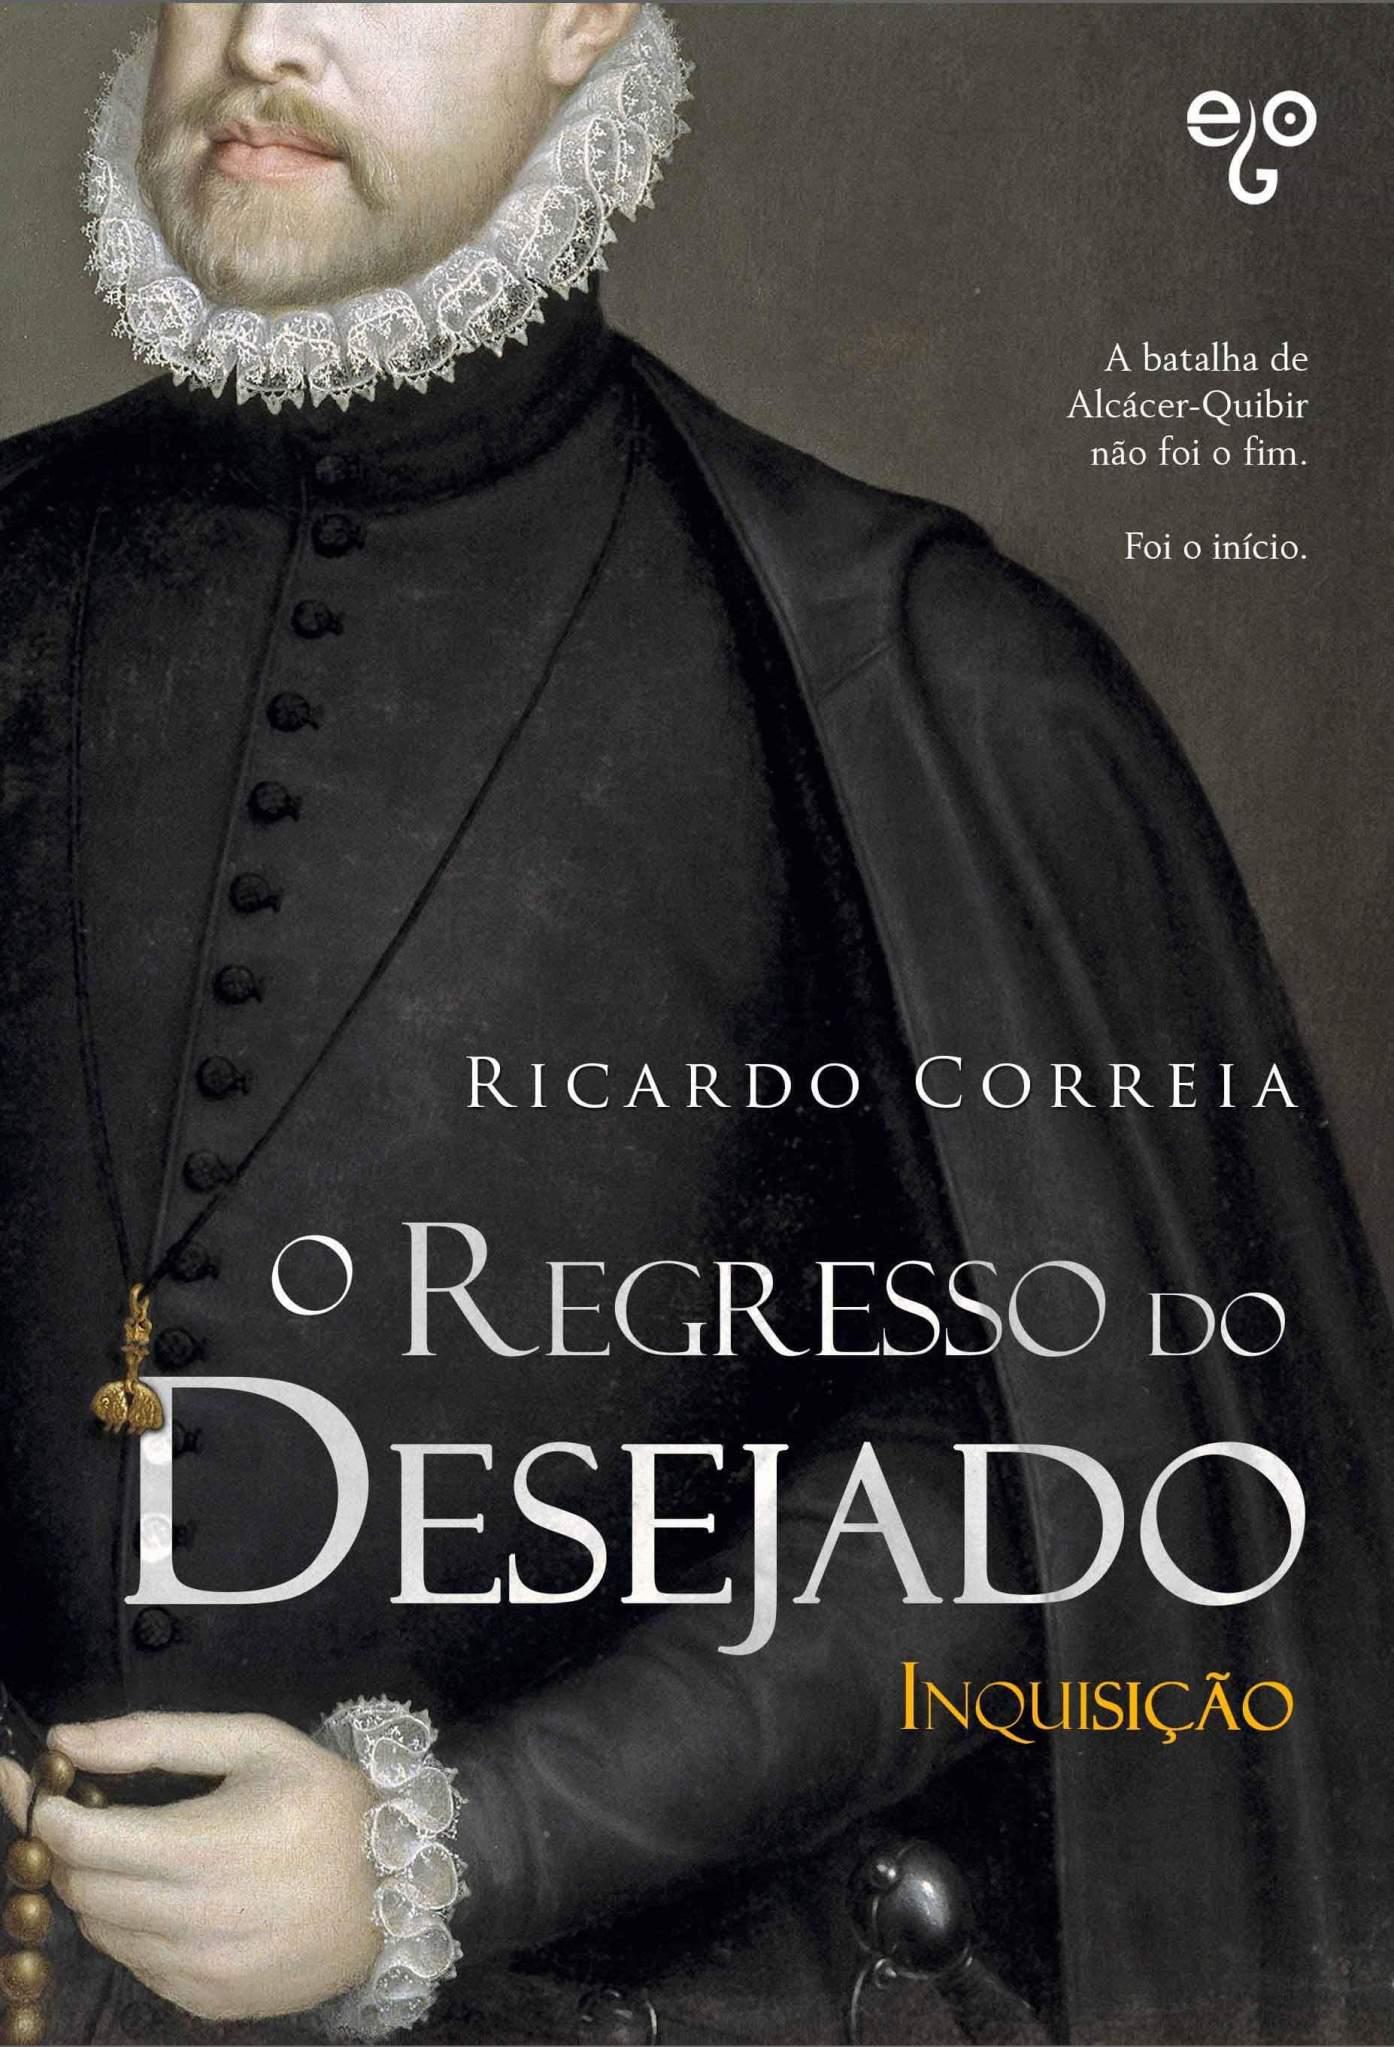 INQISIÇÃO Volume 2 da Trilogia O REGRESSO DO DESEJADO de Ricardo Correia.